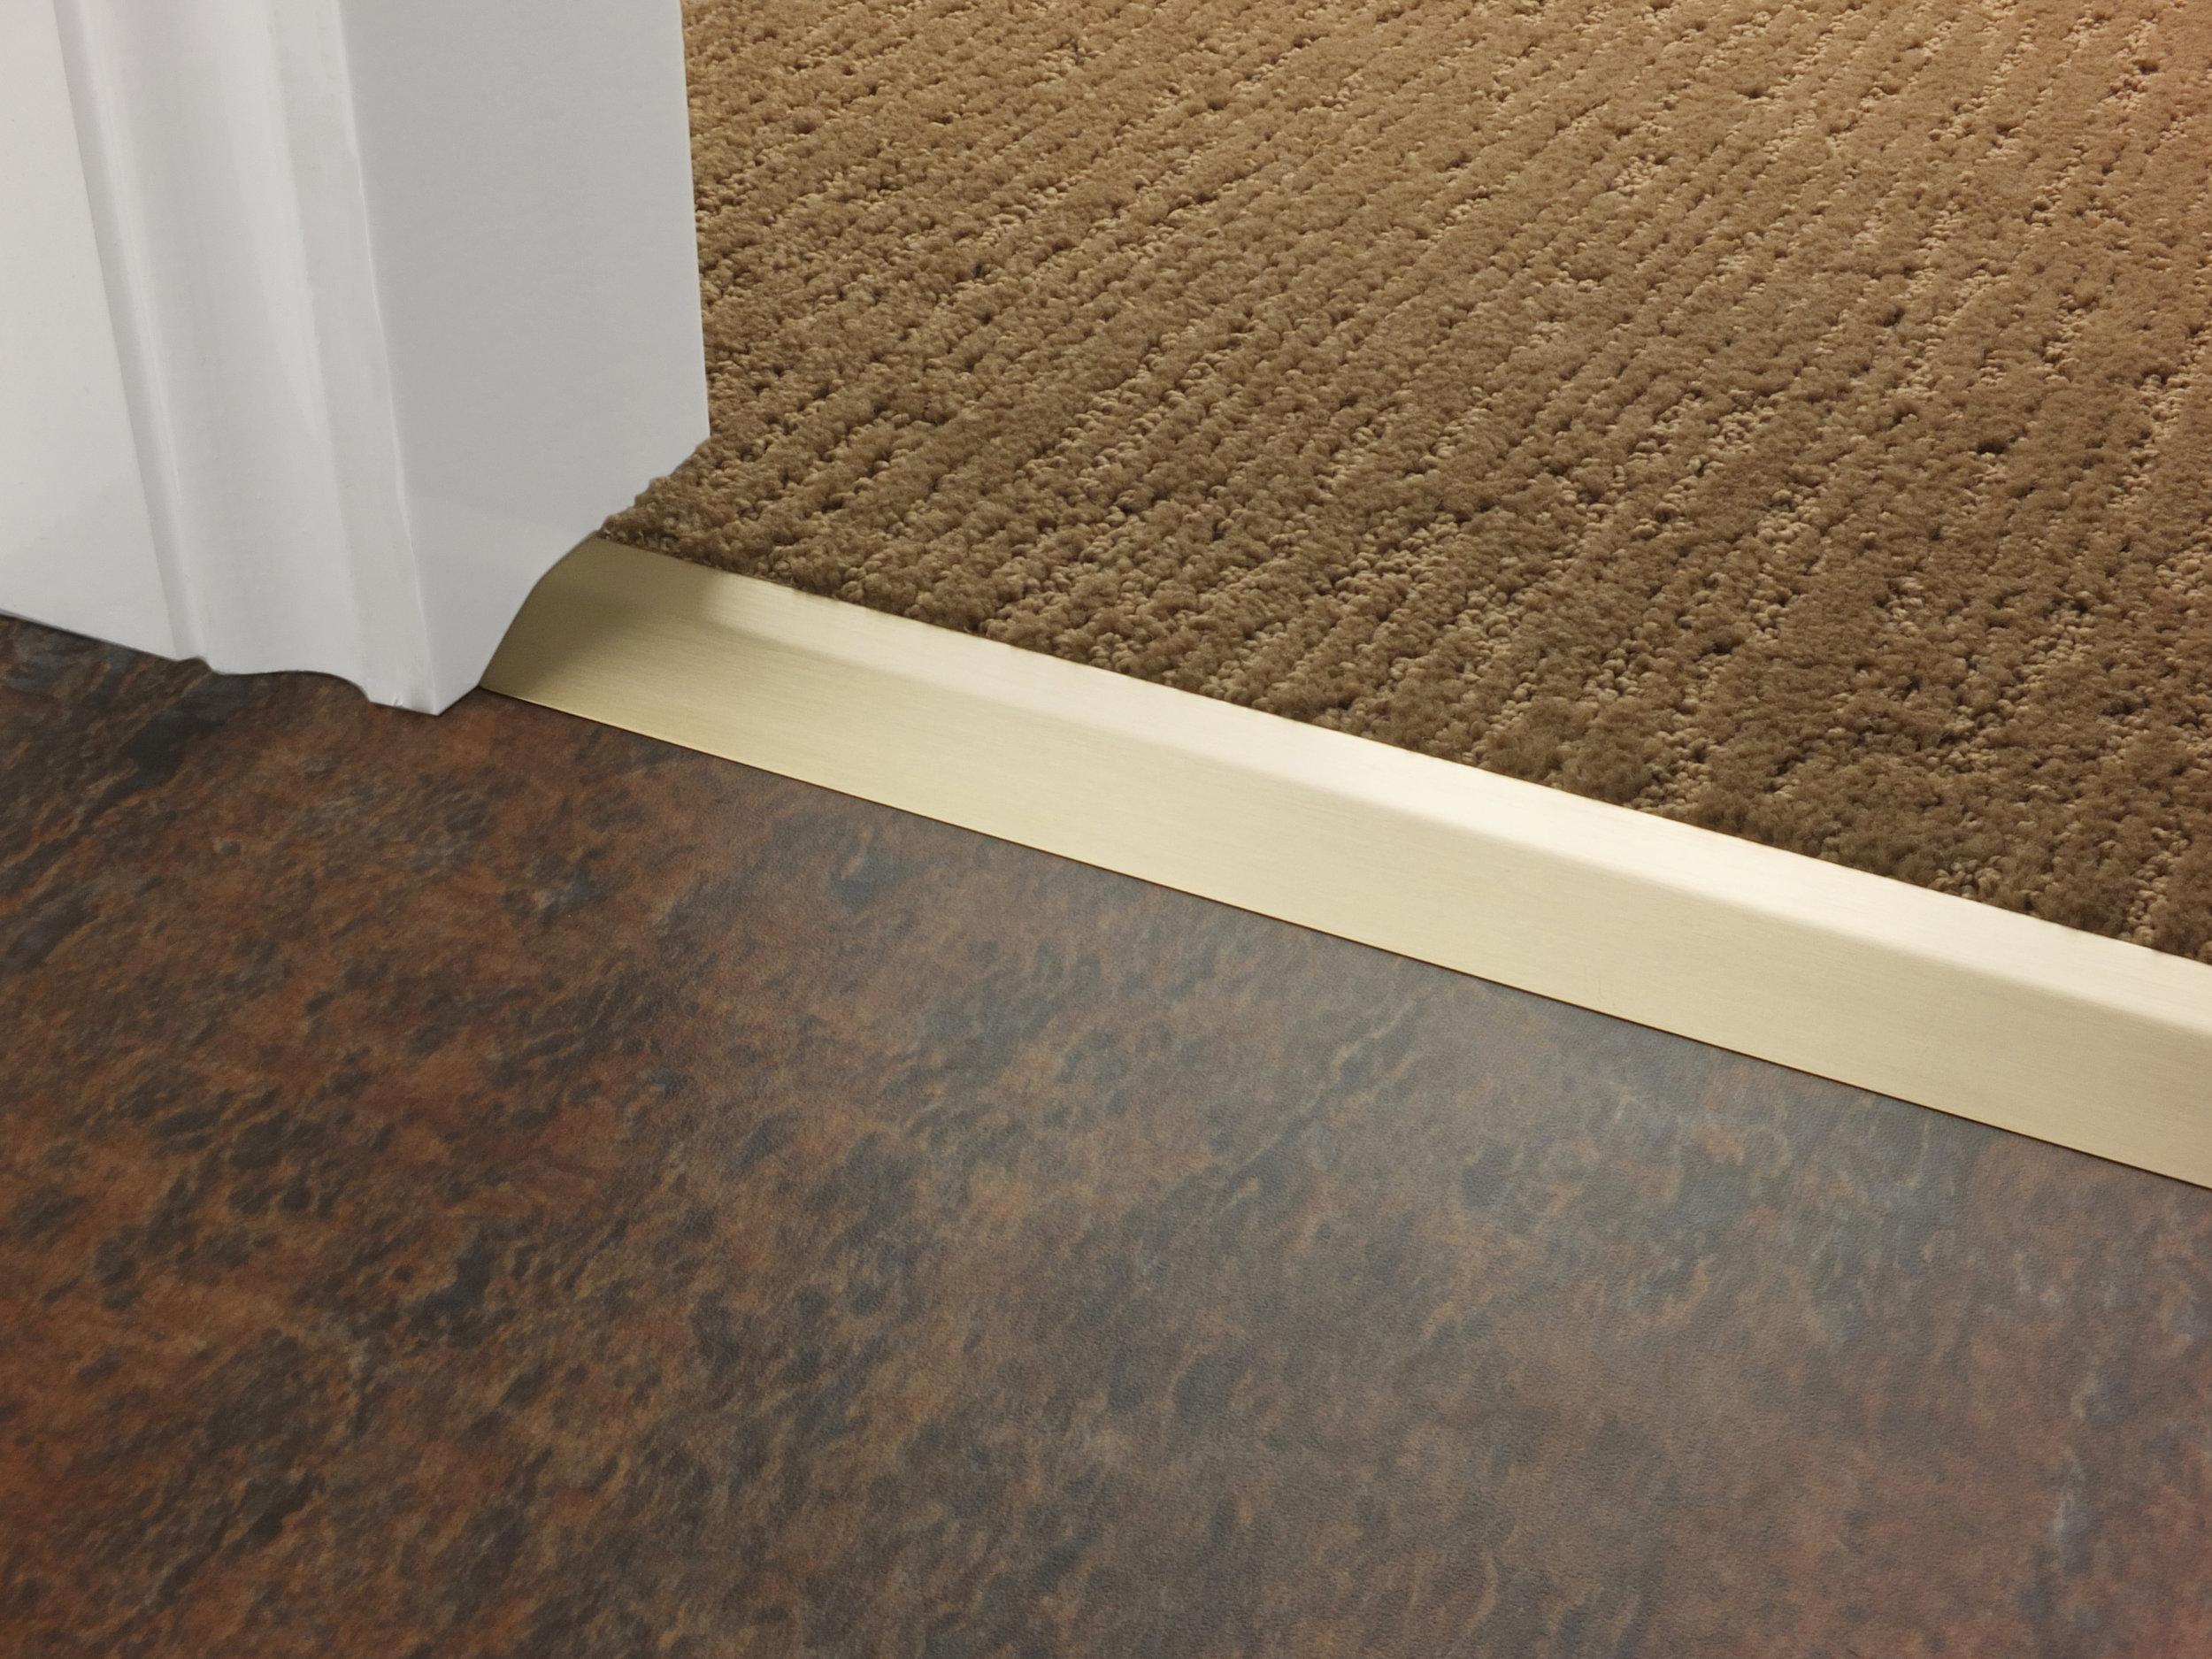 stairrods-doorbar-satin-brass-compression-ramp-8mm-LHF.jpg